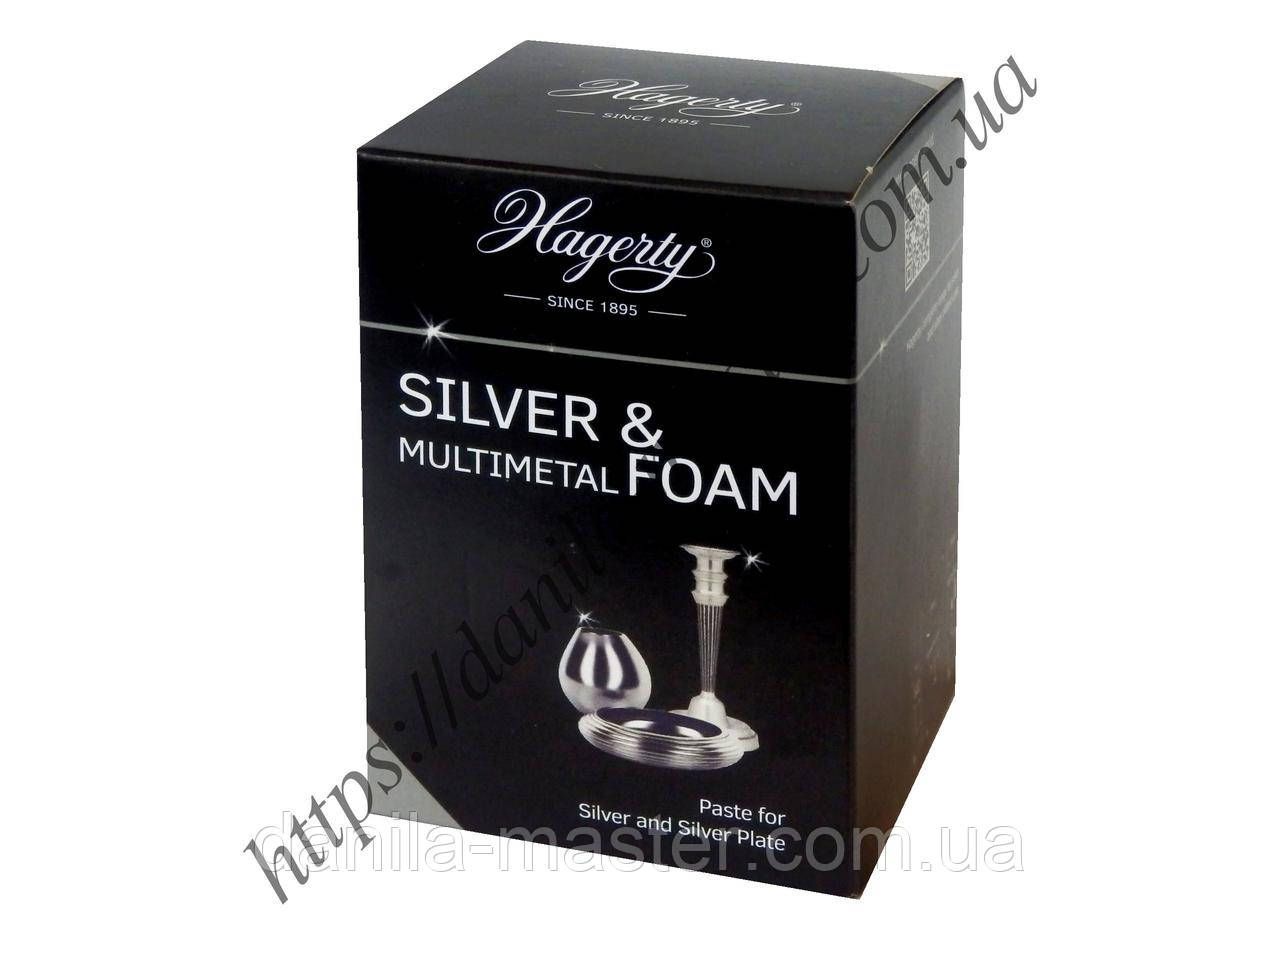 Піна для очищення виробів із срібла, олова і стали Hagerty Silver & Multimetal Foam